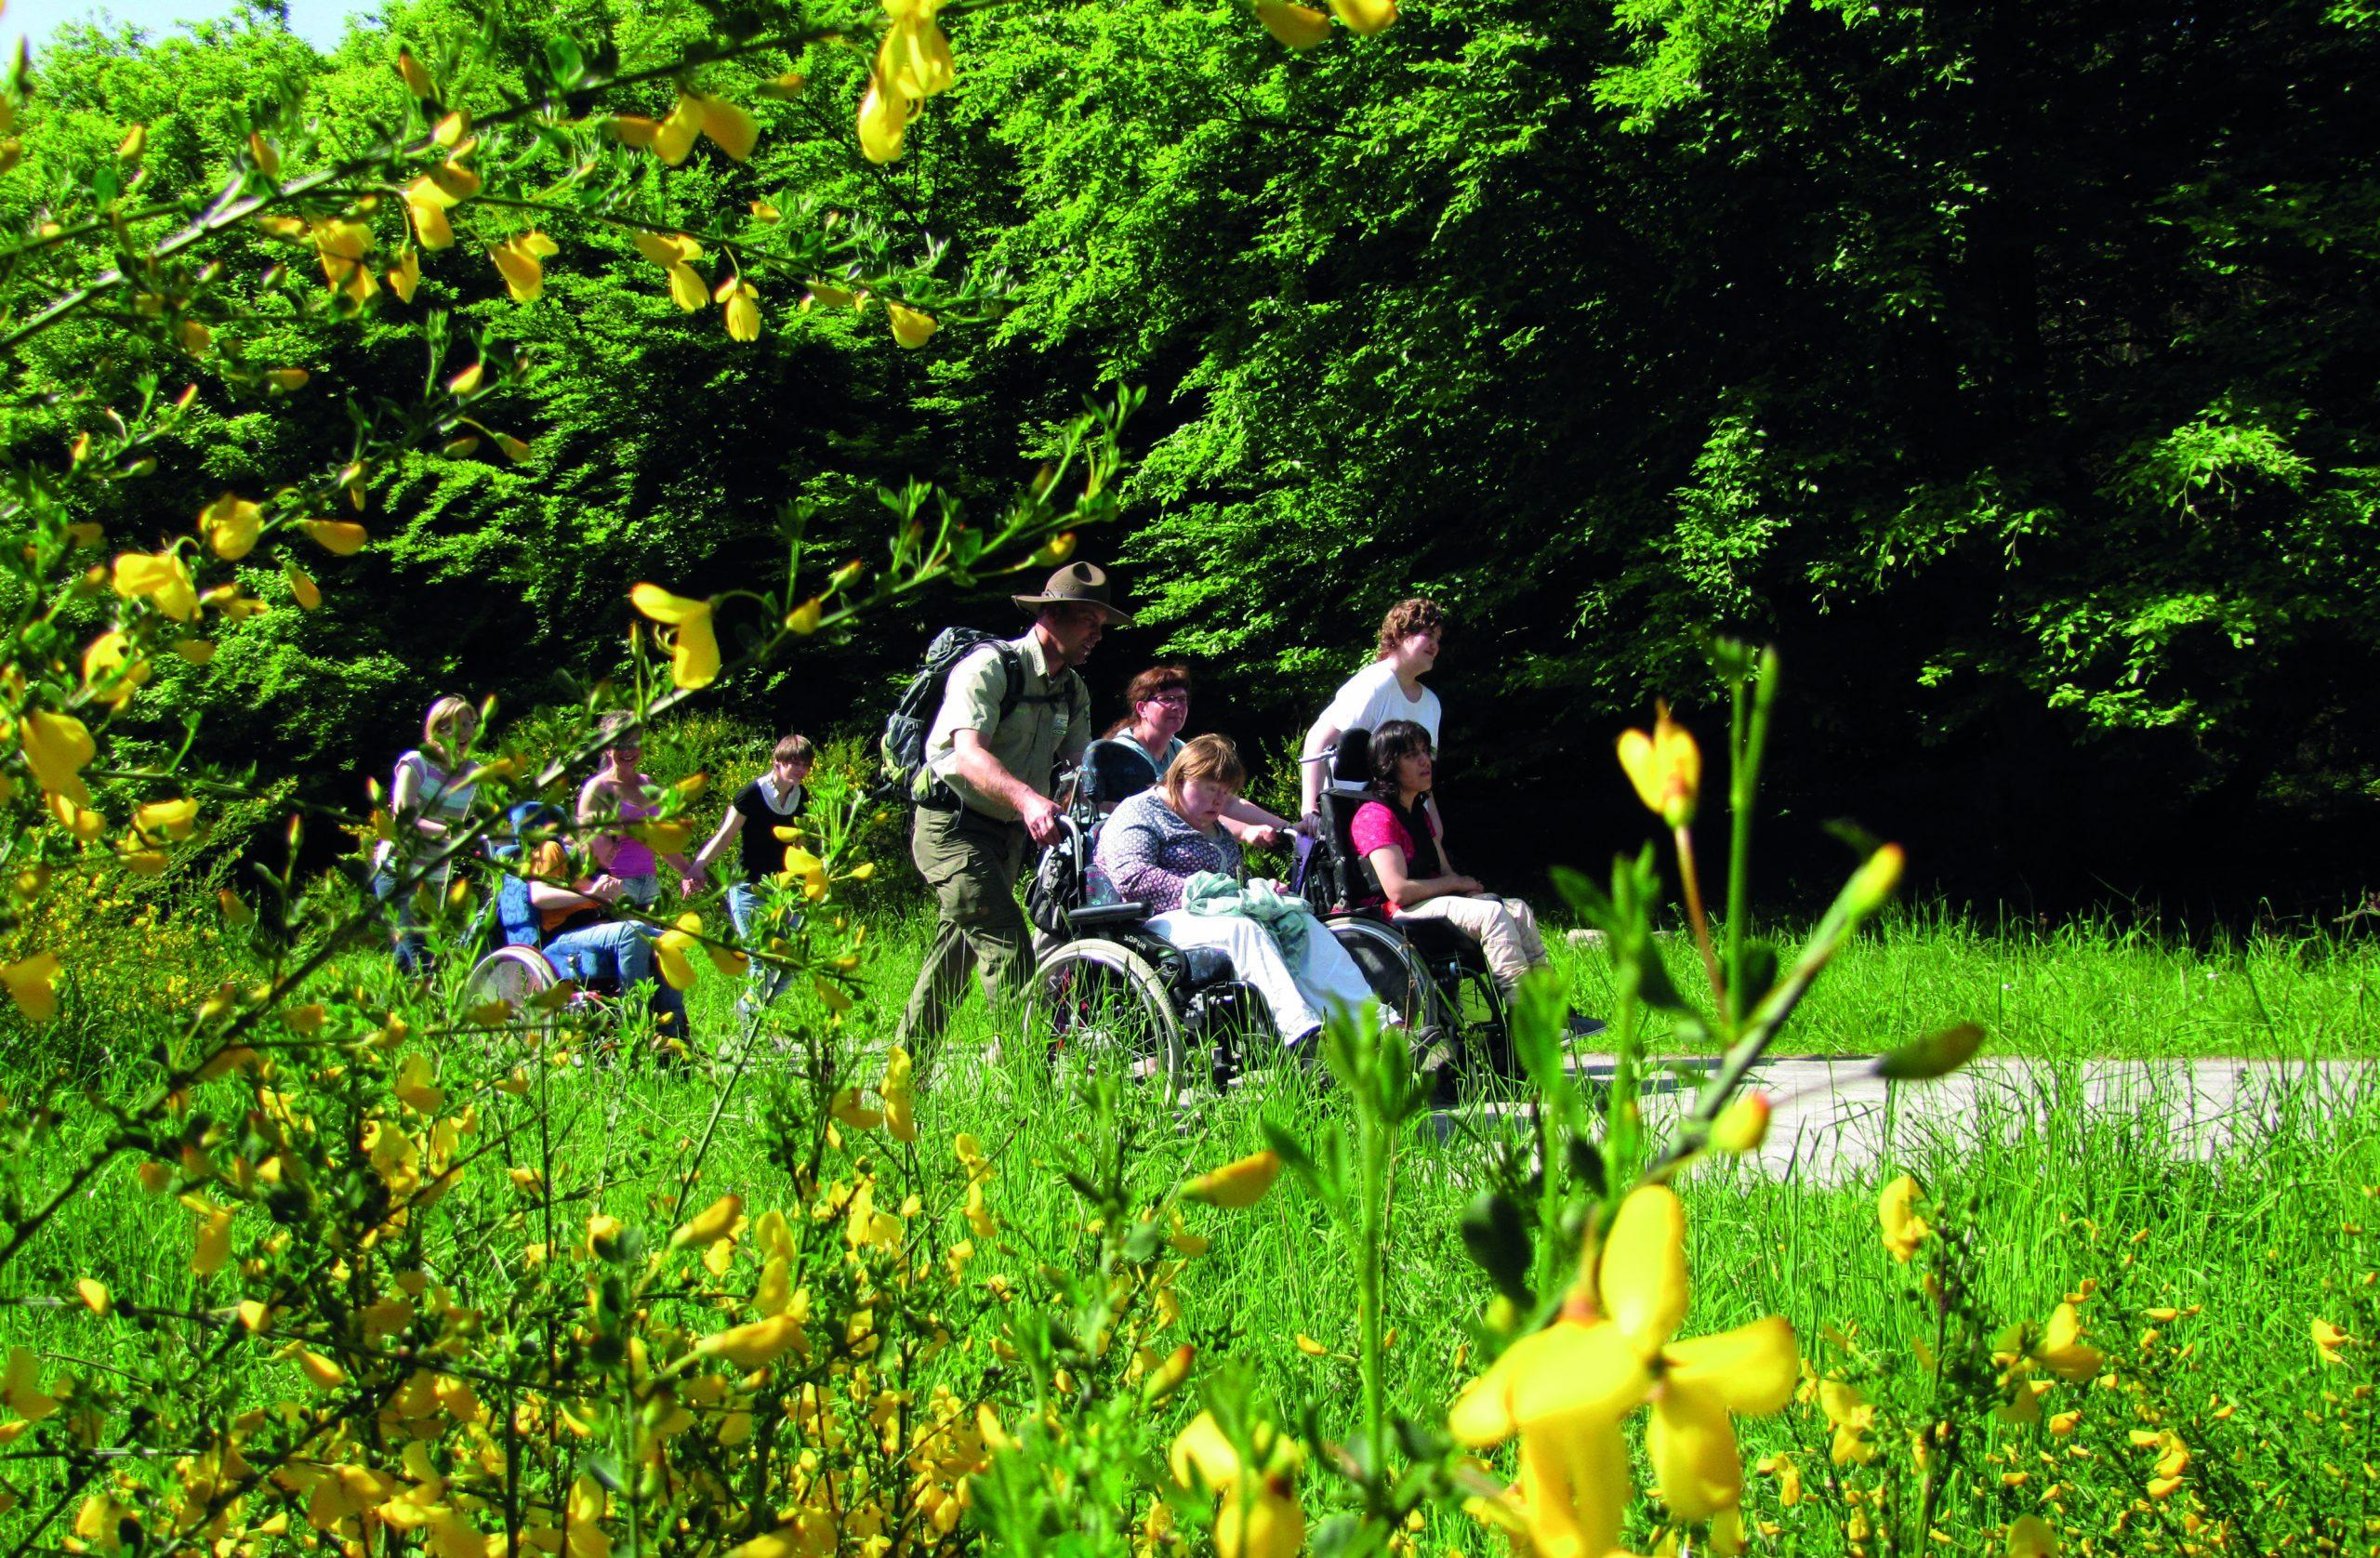 Reisegruppe mit Rollstuhl durchwandert die Natur